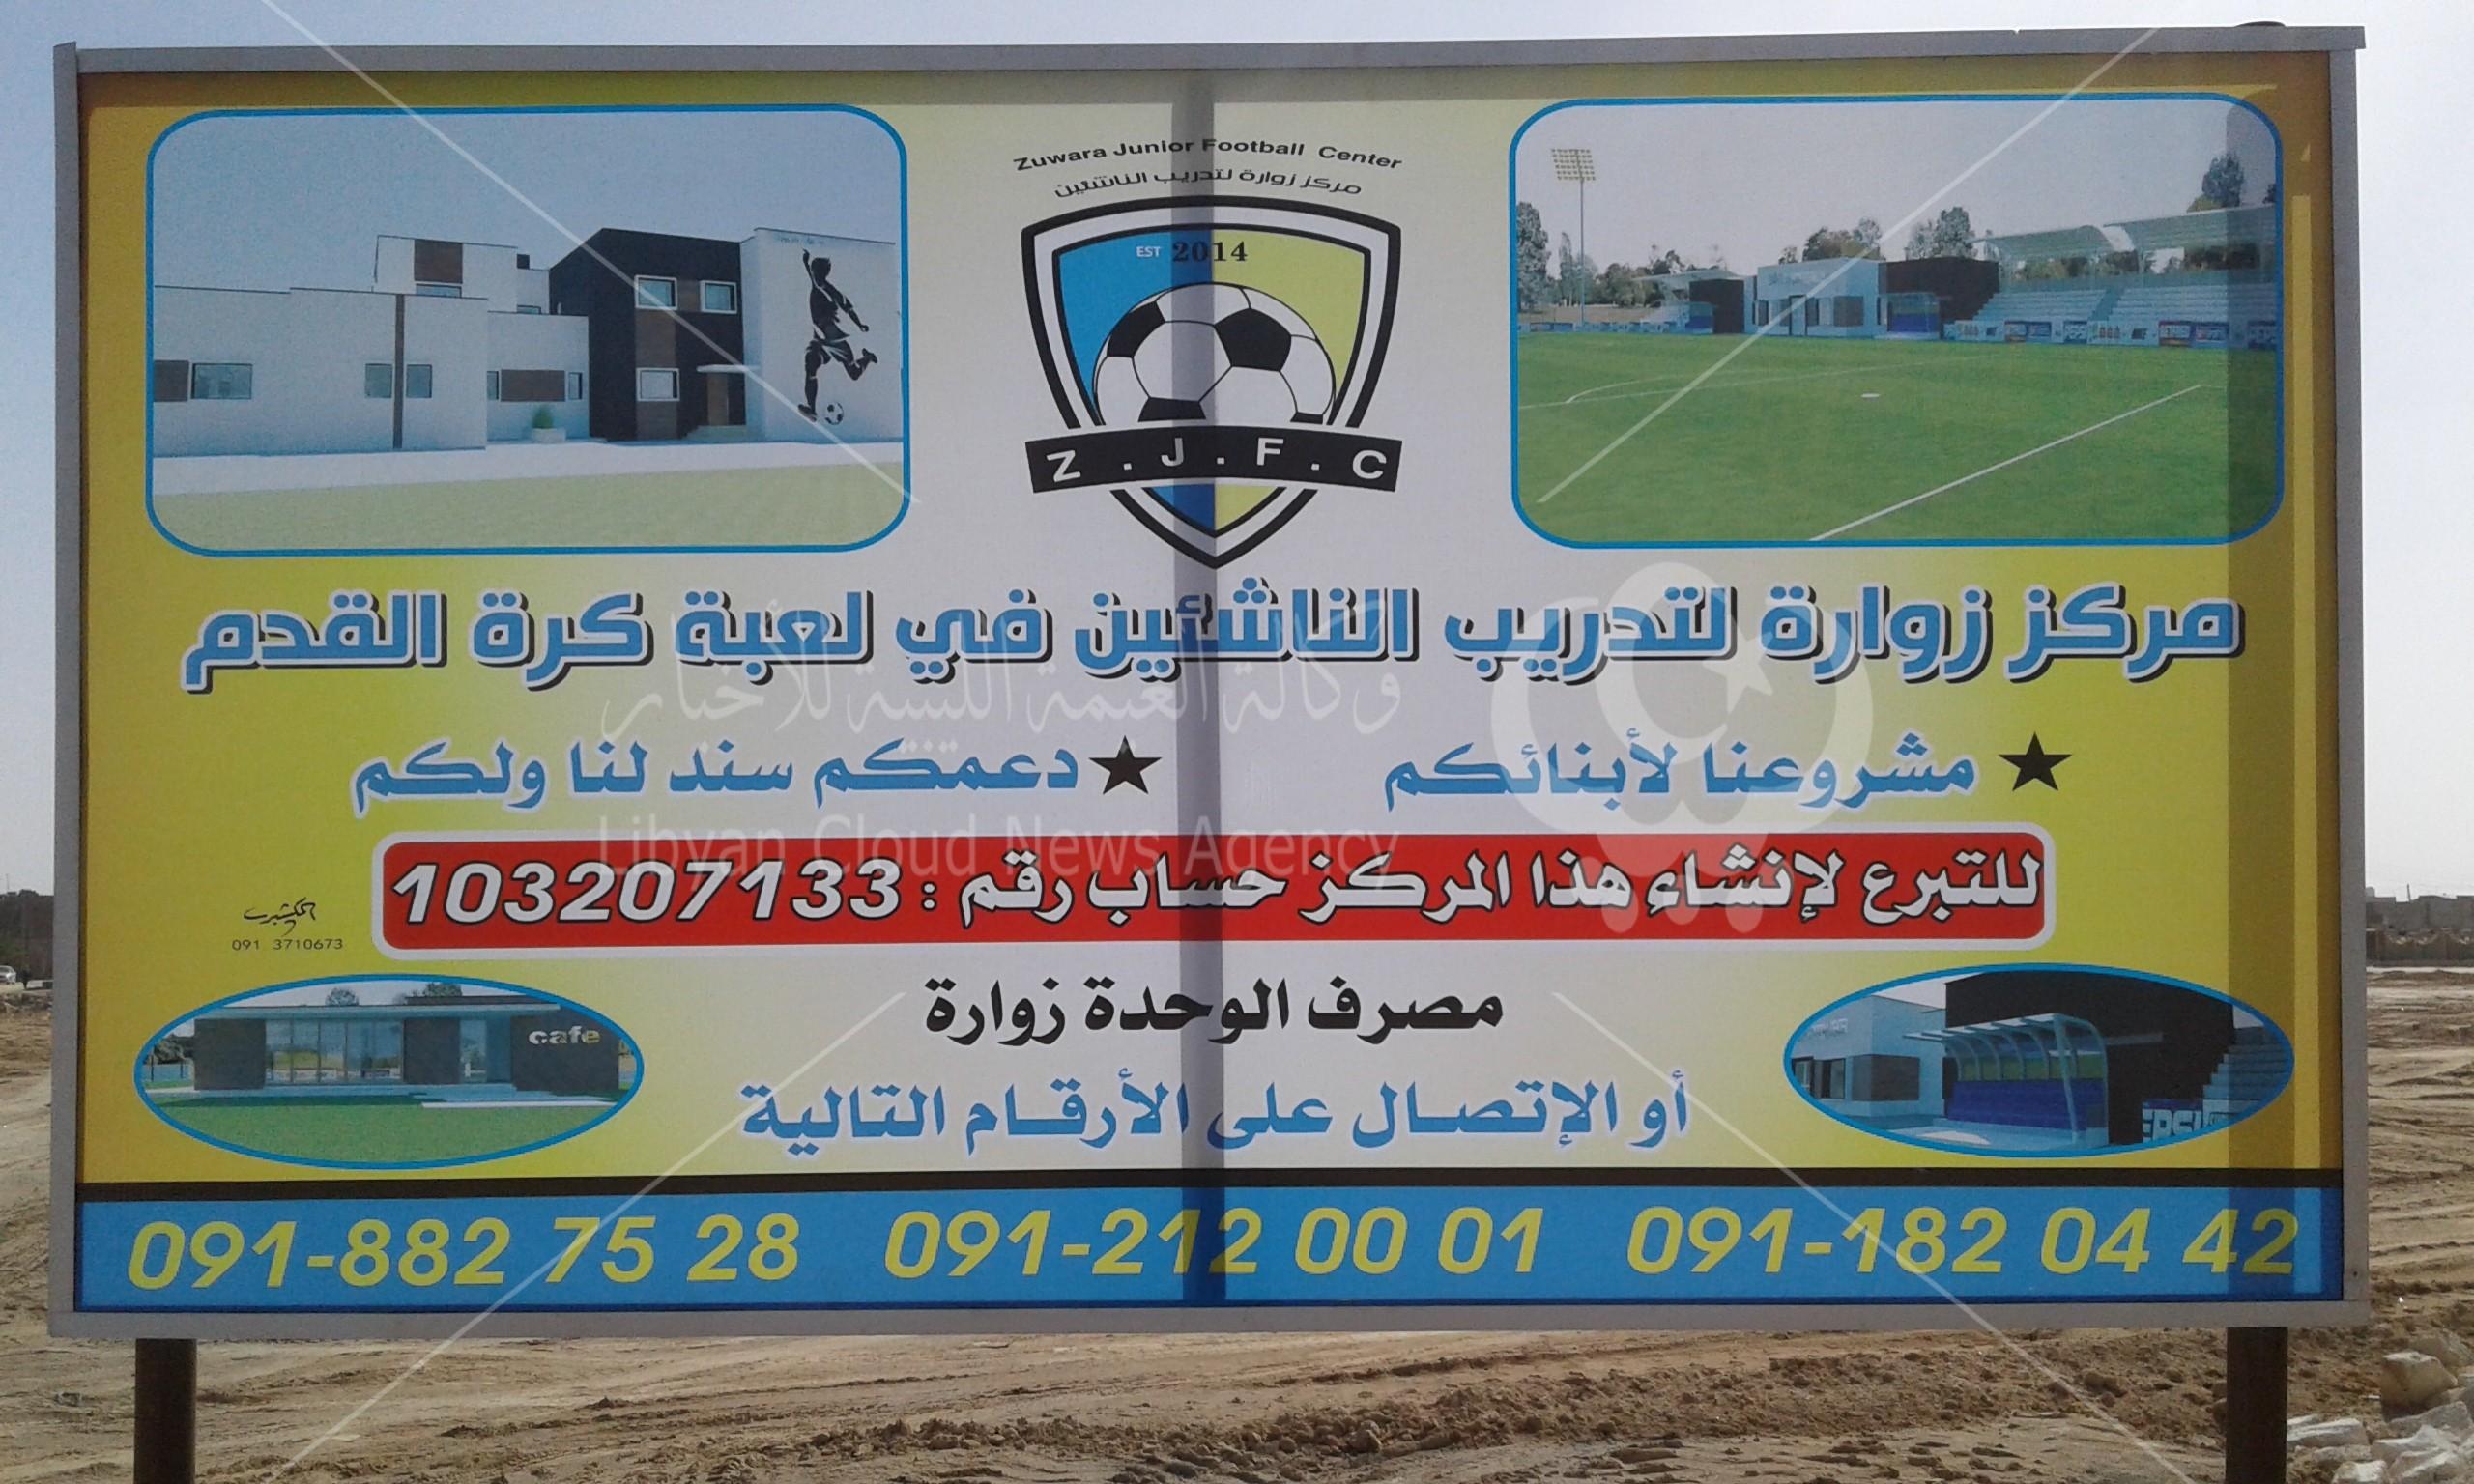 زوارة.. انطلاق مشروع مركز للناشئين في كرة القدم